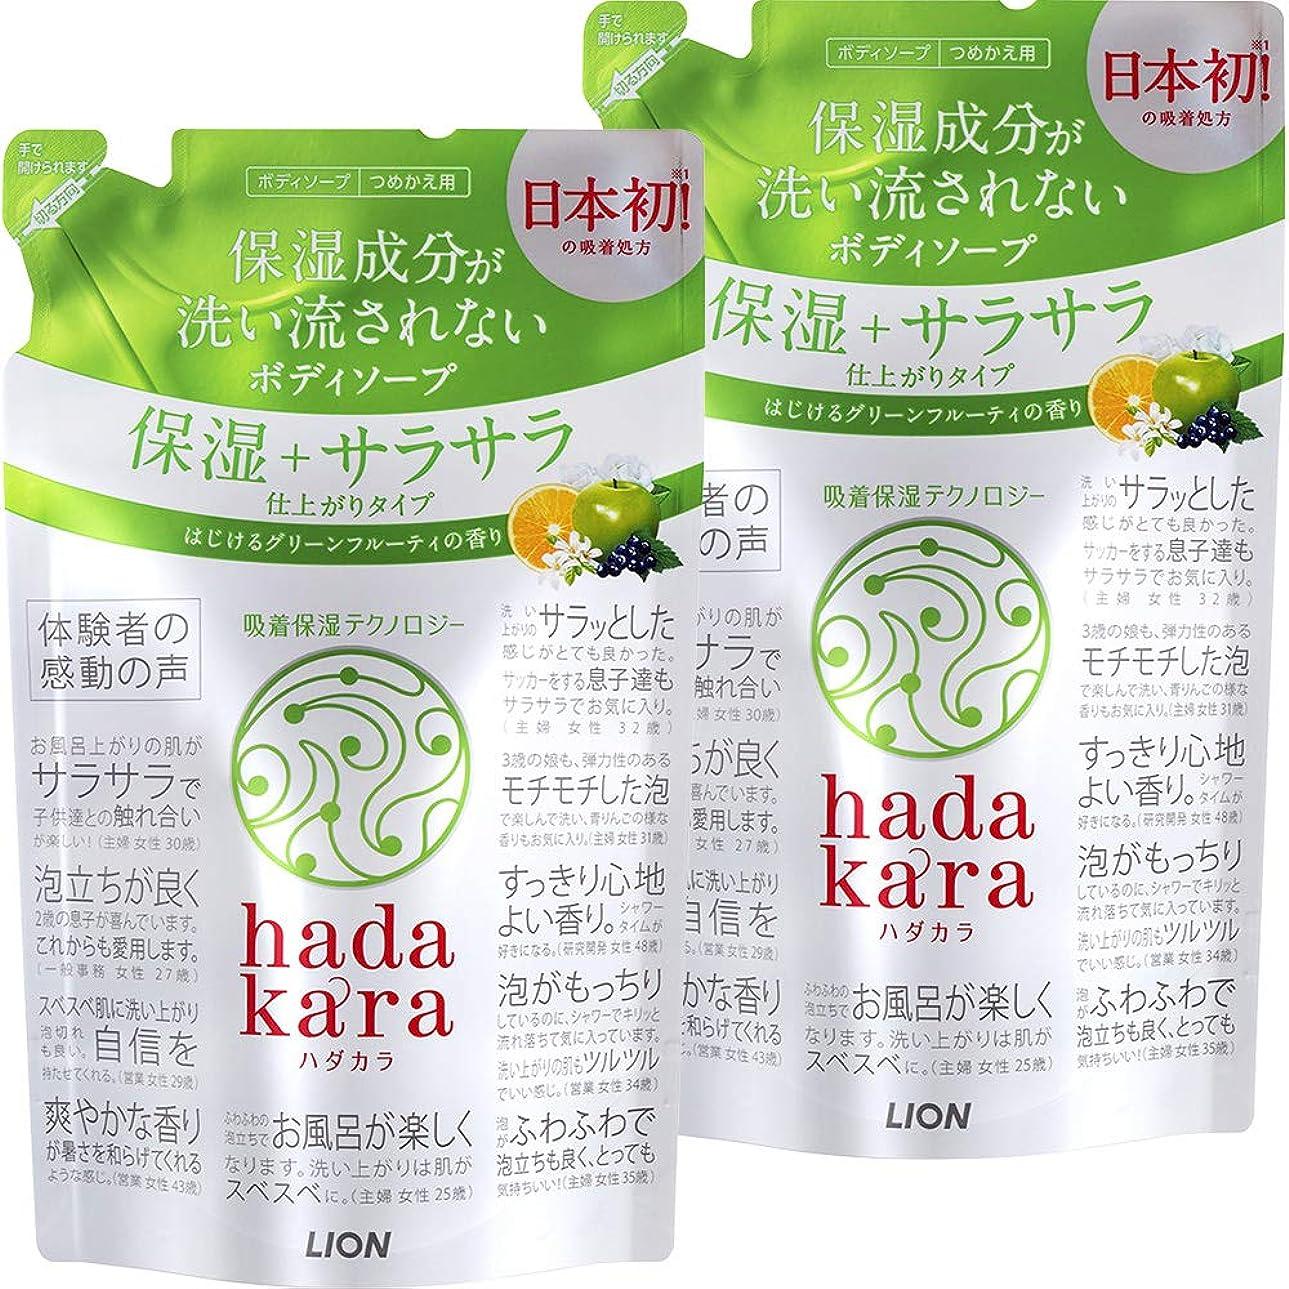 所得市民ダウンタウン【まとめ買い】hadakara(ハダカラ) ボディソープ 保湿+サラサラ仕上がりタイプ グリーンフルーティの香り 詰め替え 340ml×2個パック